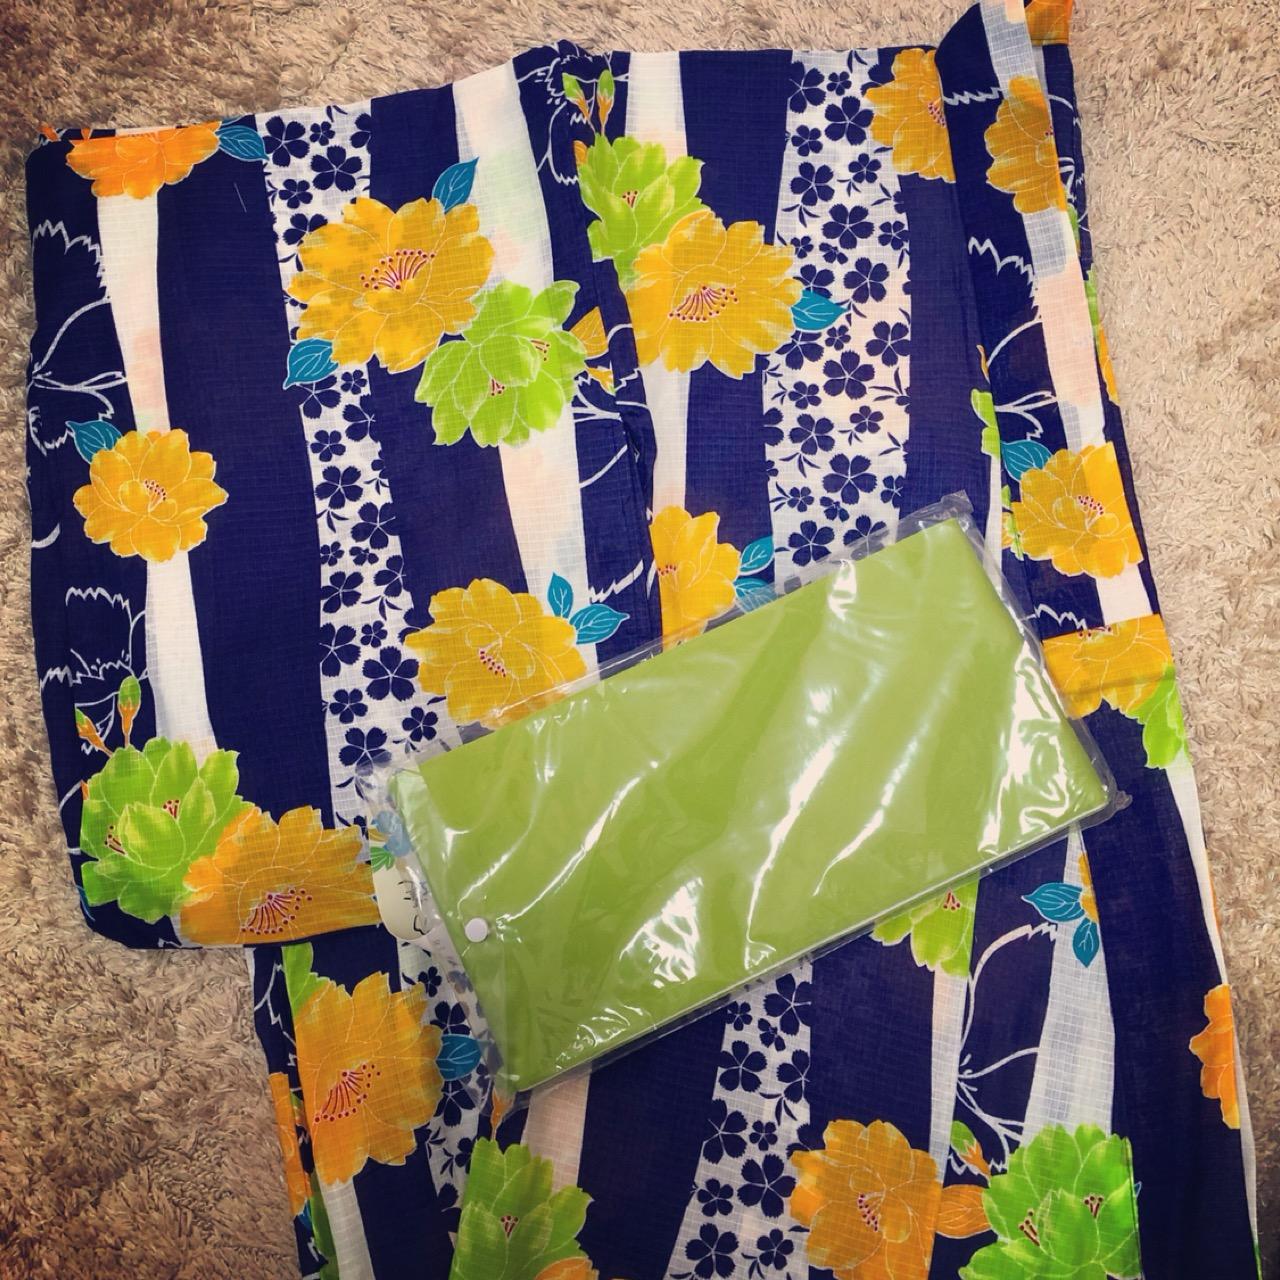 <浴衣ディズニー>アンダー3000円のプチプラ浴衣で初挑戦!夏のディズニーランドを大満喫♡_4